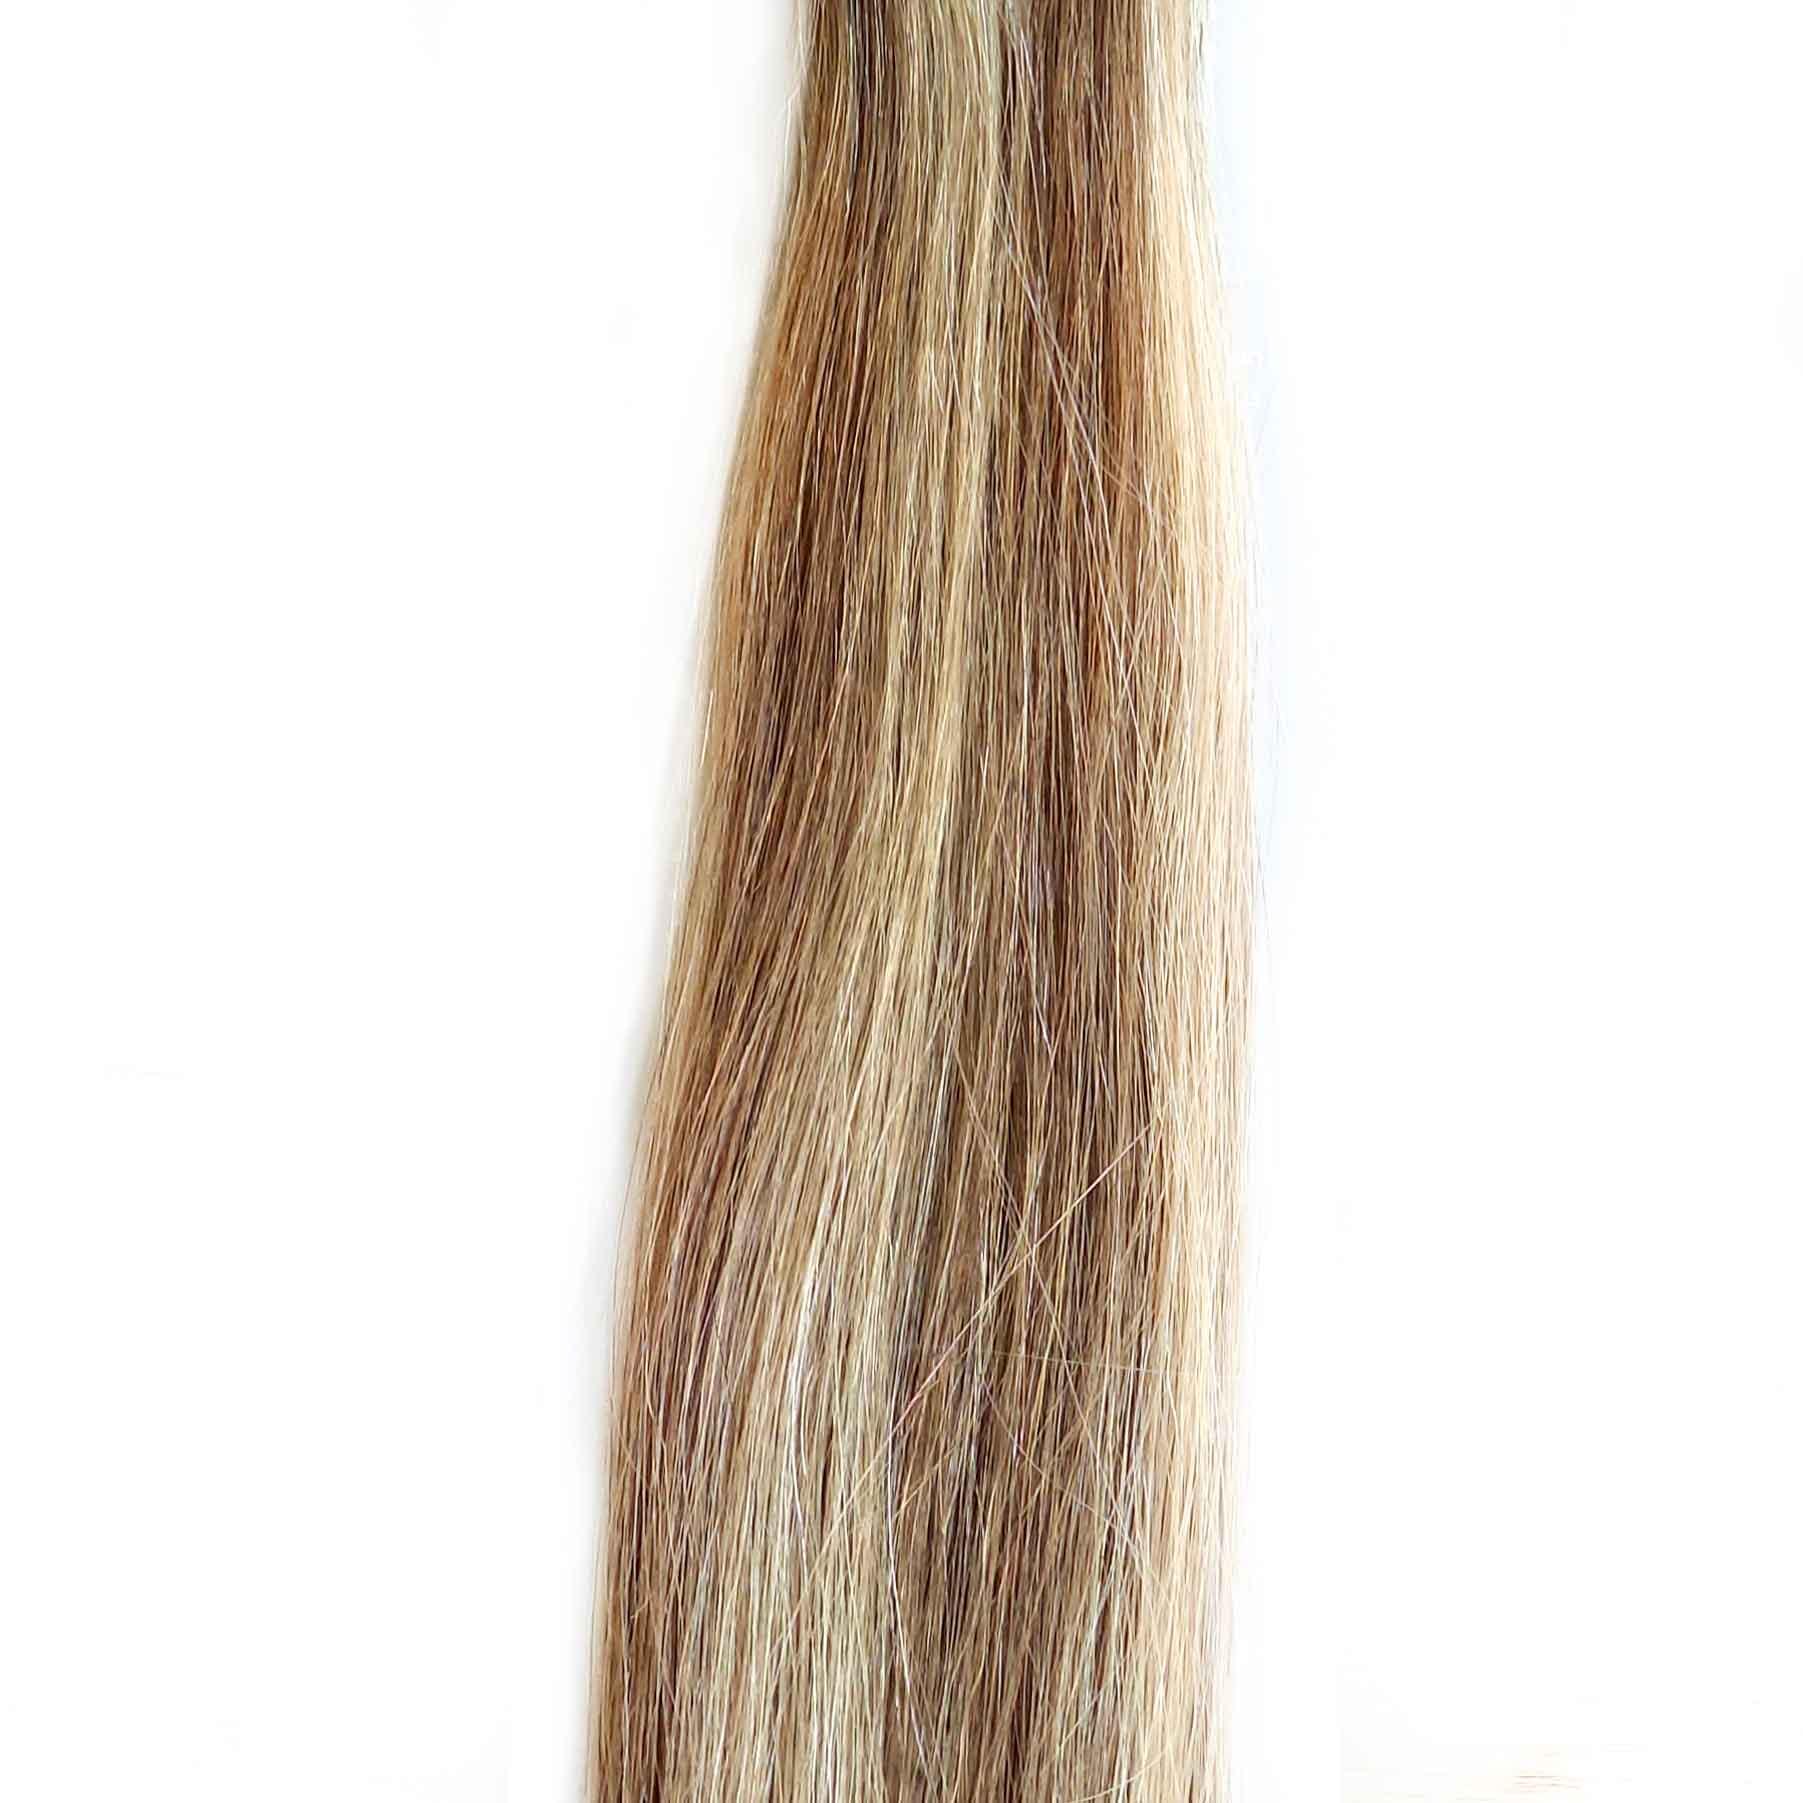 Color de DH Hair Extensions mechado en color 18 Rubio medio ceniza y 107 Rubio clarísimo ceniza leve